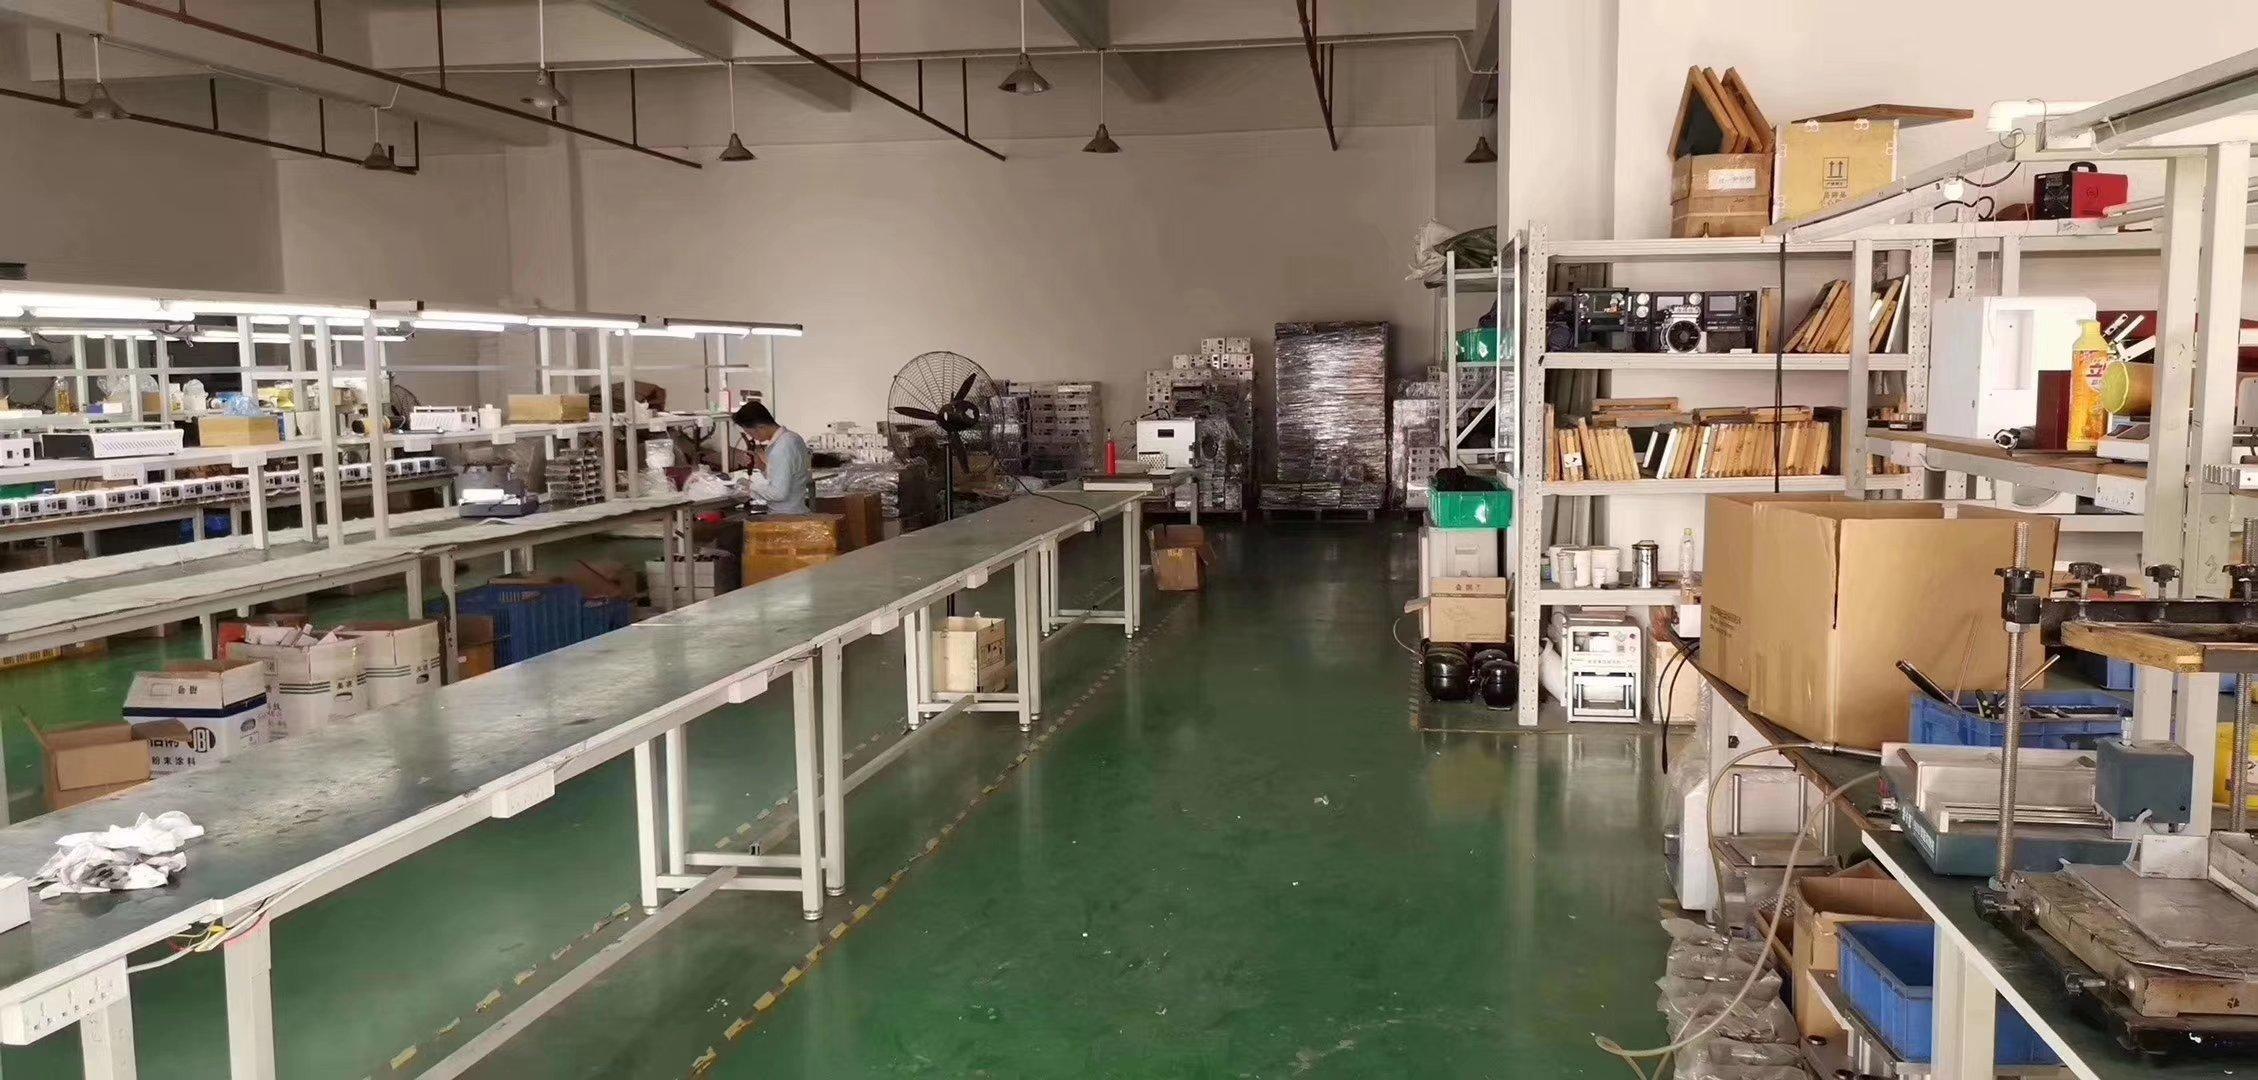 福永白石厦楼上新出1000平水电齐全带装修进驻直接办公